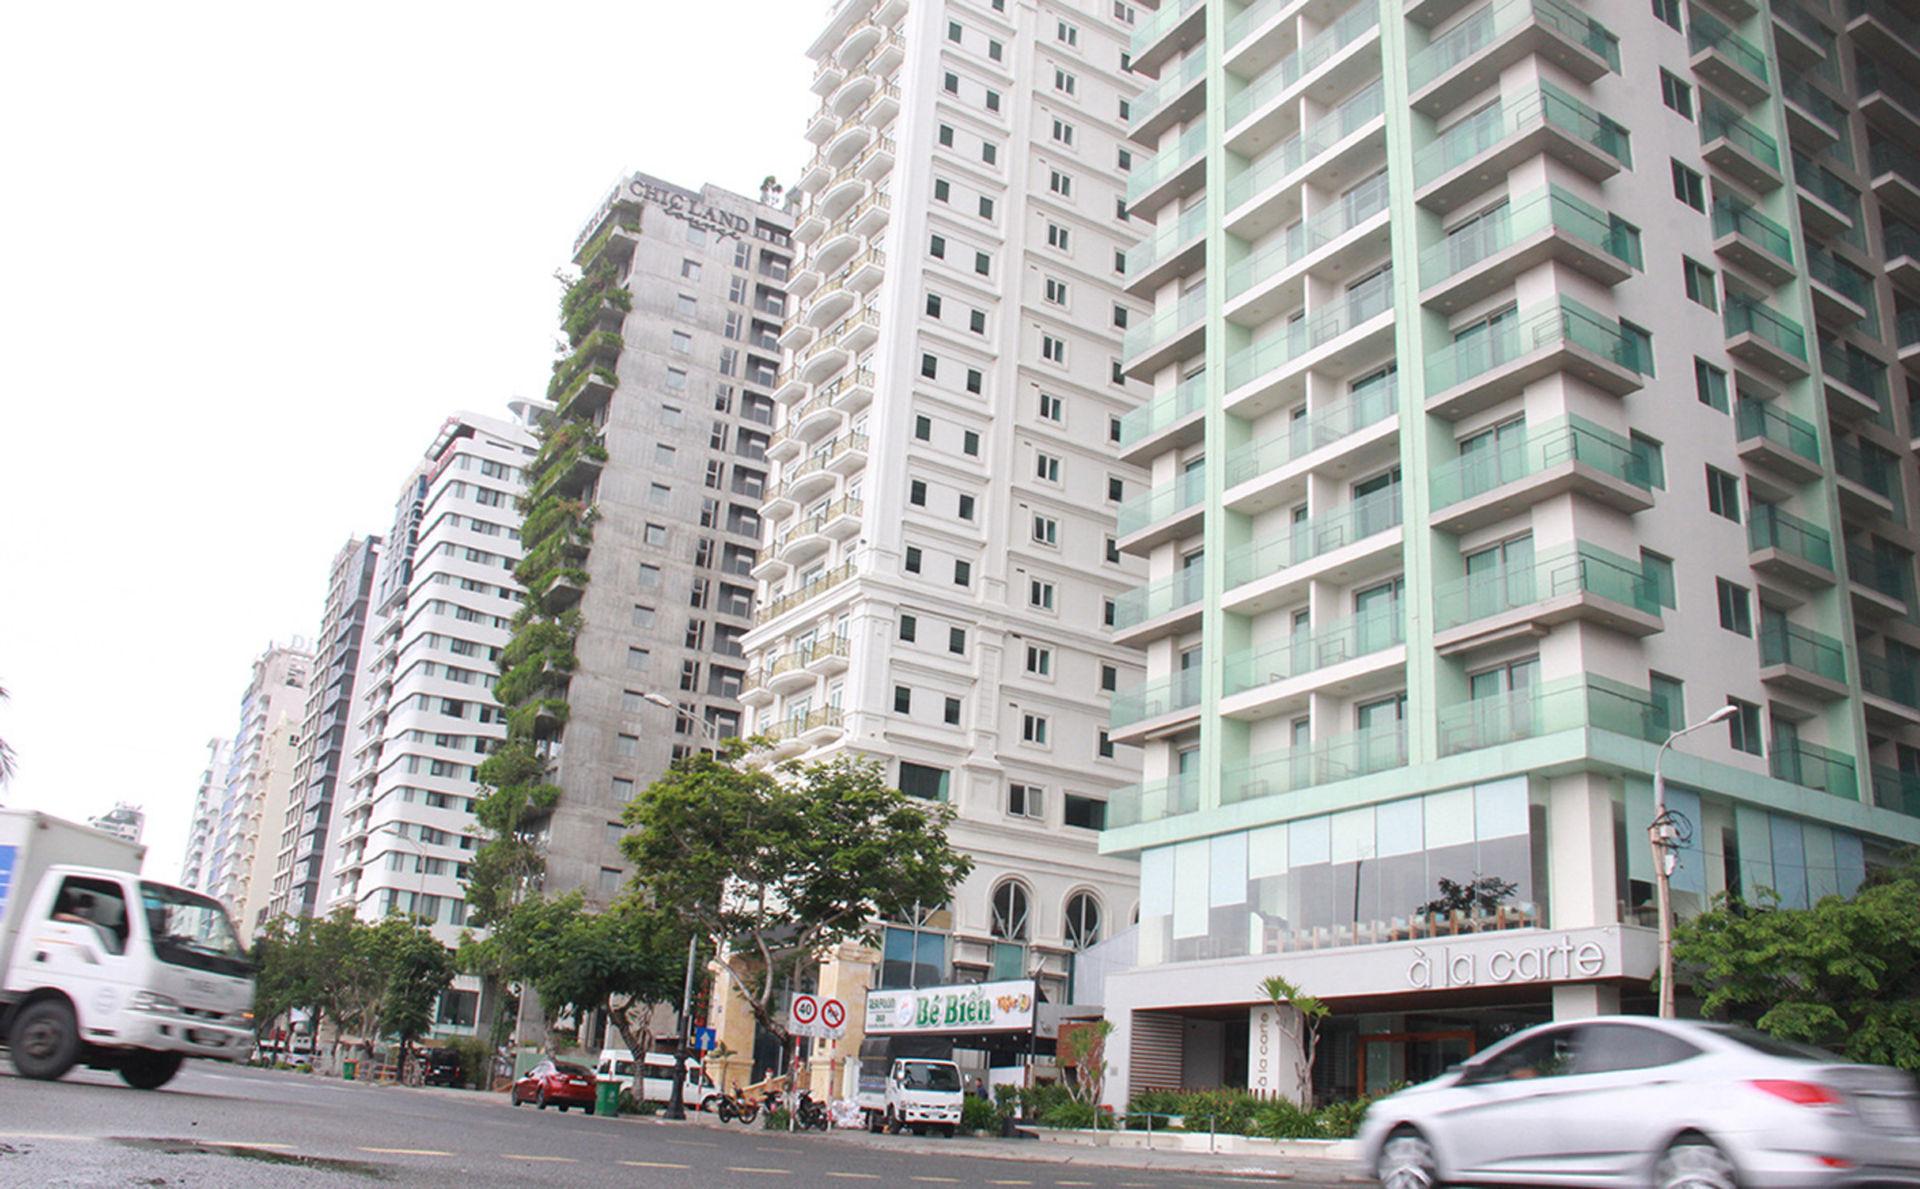 Không khí đìu hiu trên trục đường Võ Nguyên Giáp, nơi tập trung rất nhiều khách sạn ở Đà Nẵng. (Ảnh qua tuoitre)